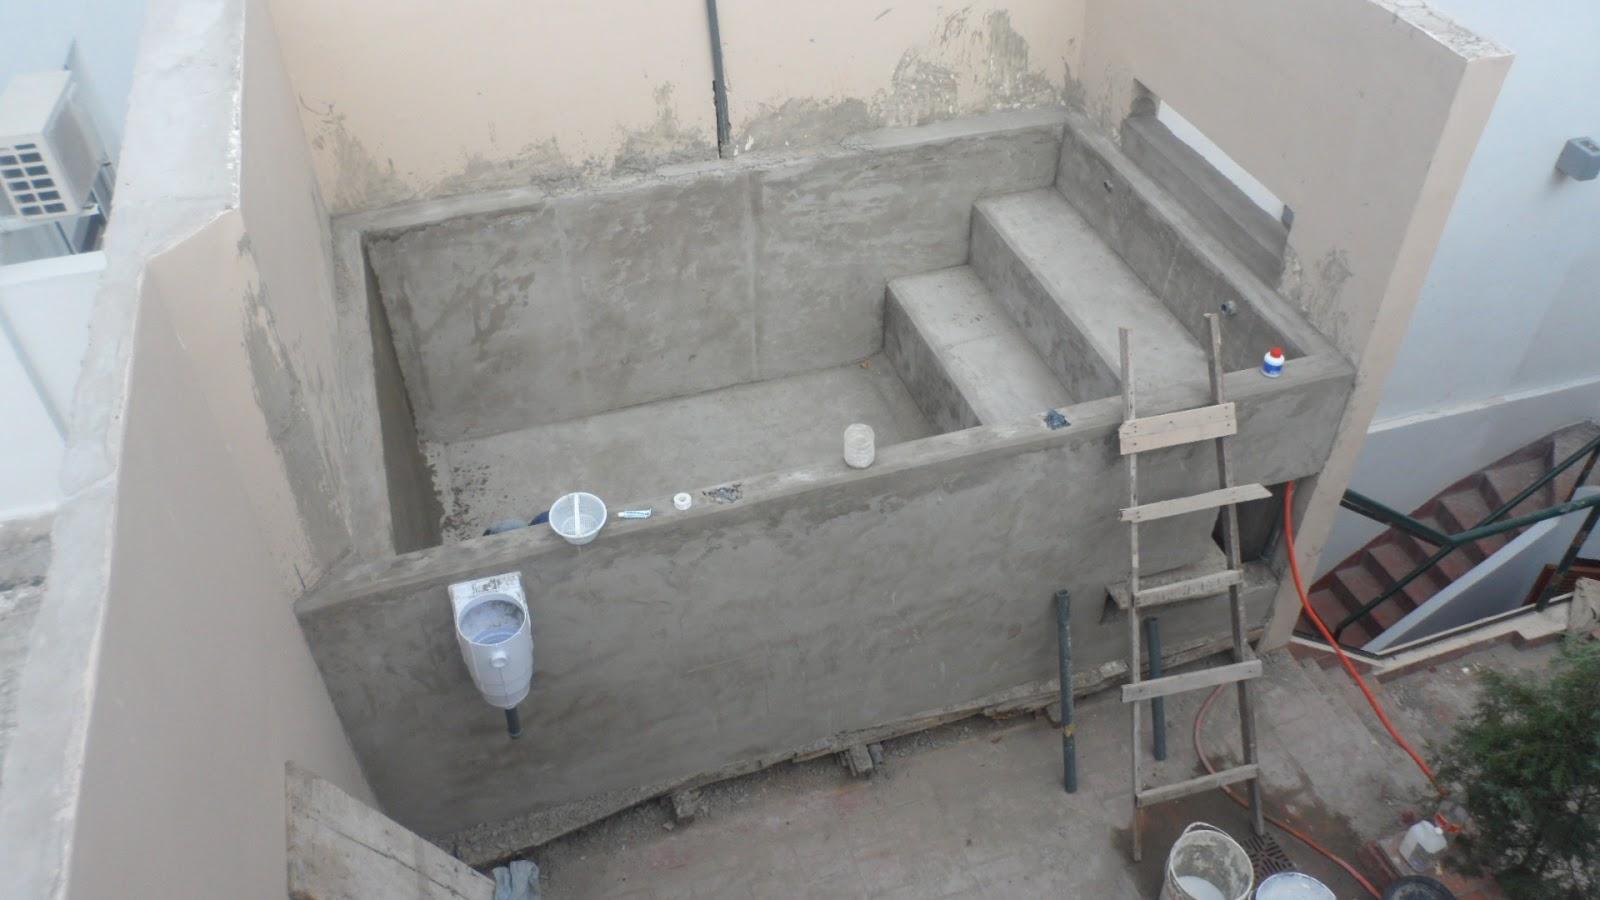 Construcci n de piscinas en terrazas y azoteas - Terrazas en azoteas ...